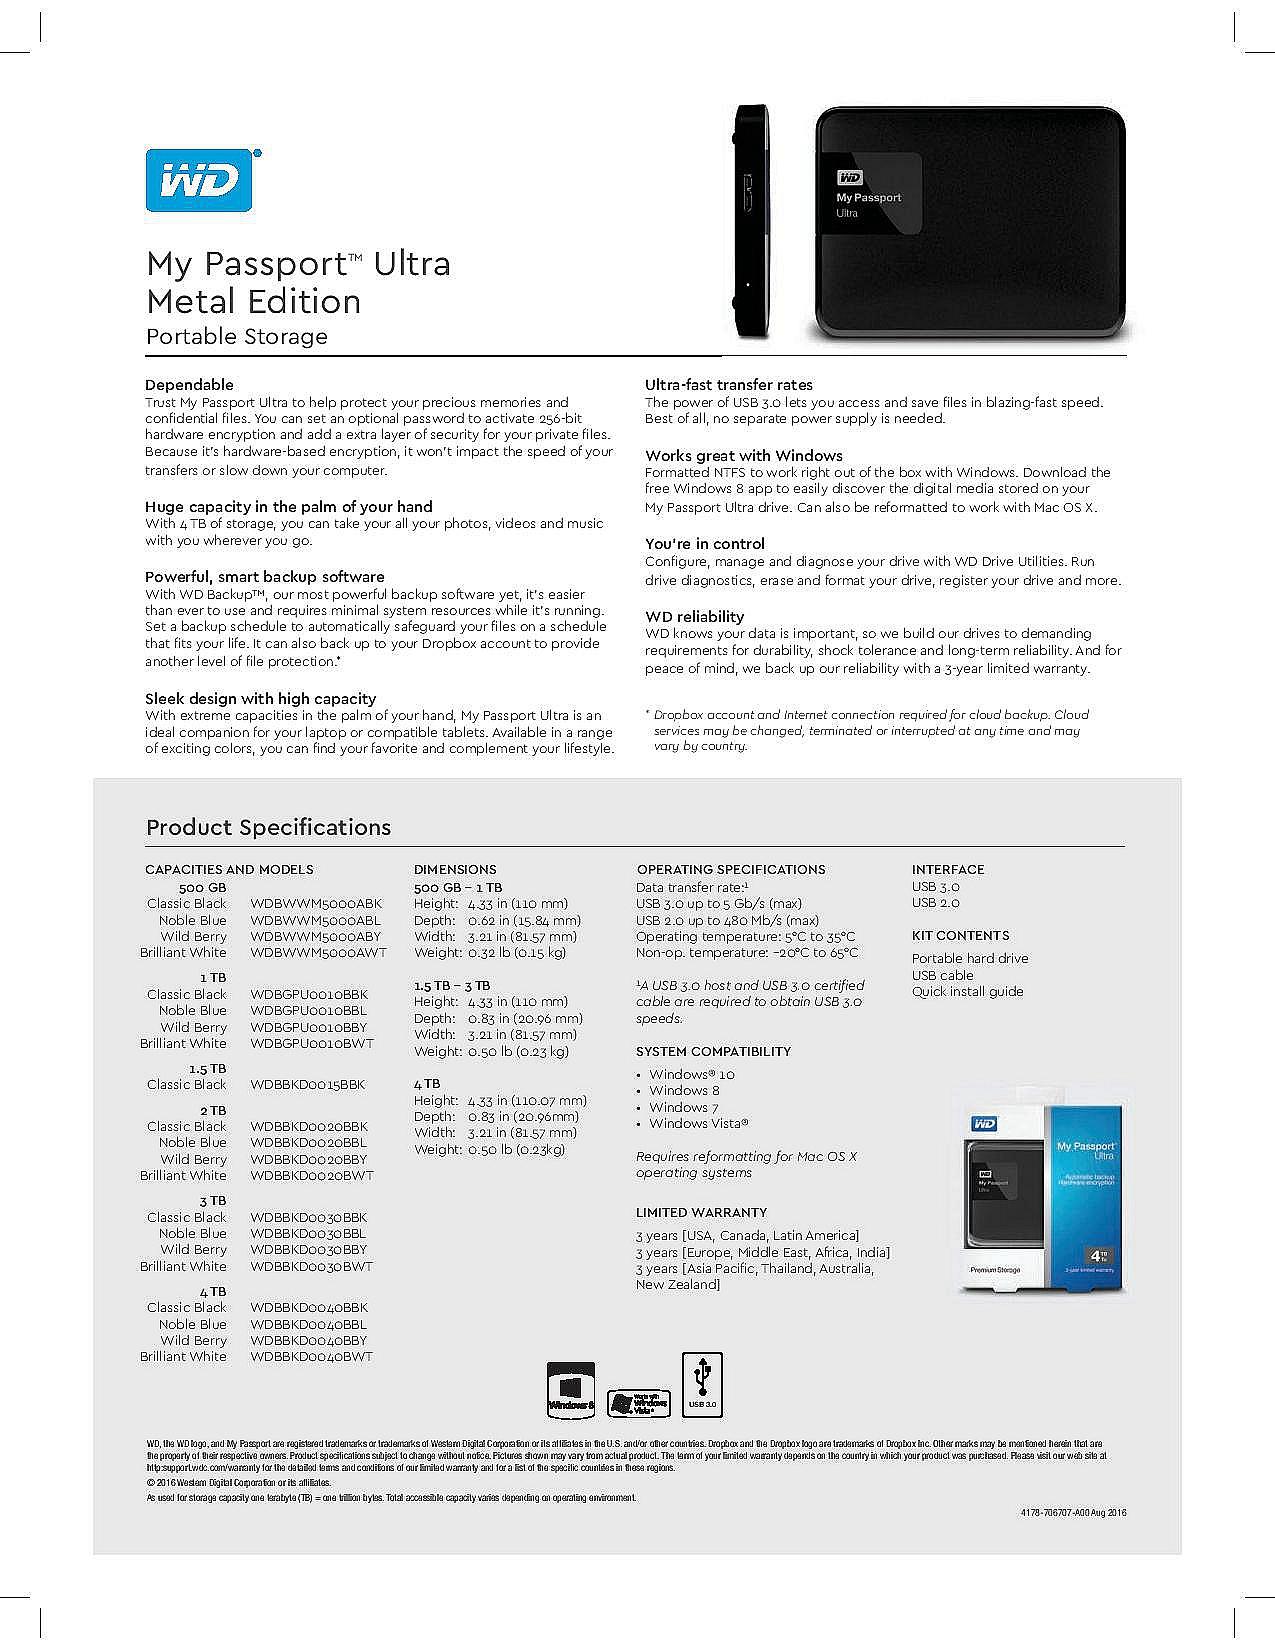 Western Digital WD My Passport Elements 1TB 2TB 3TB 4TB